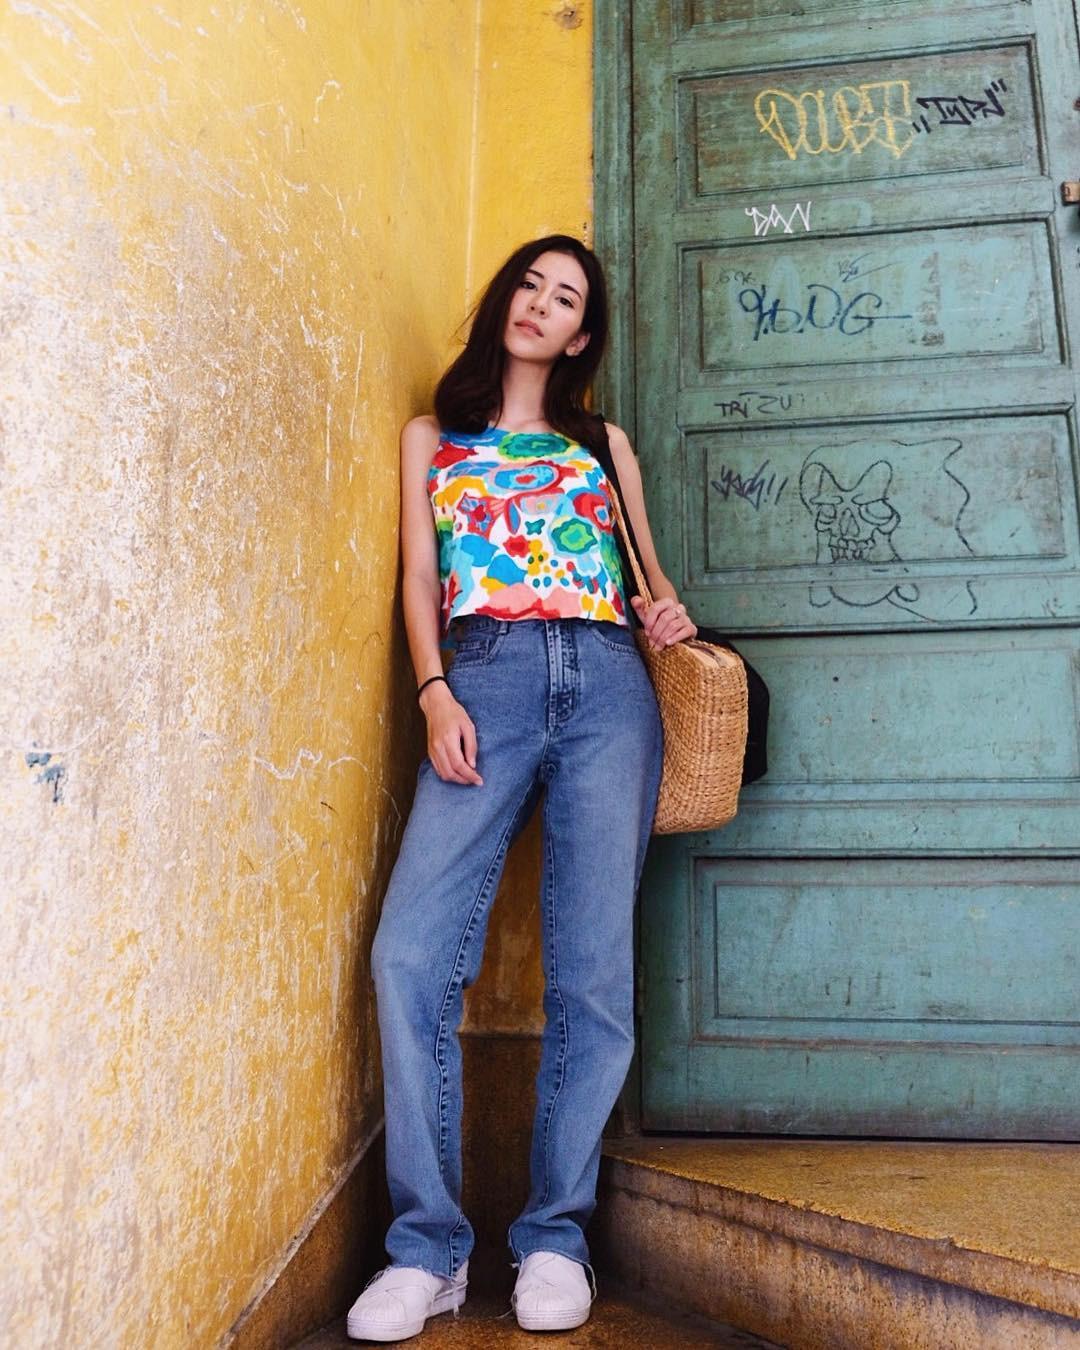 19 chiêu mix&match chất lừ với quần jeans ống rộng, cứ mặc lên là cao thêm cả chục phân chứ chẳng ít - Ảnh 6